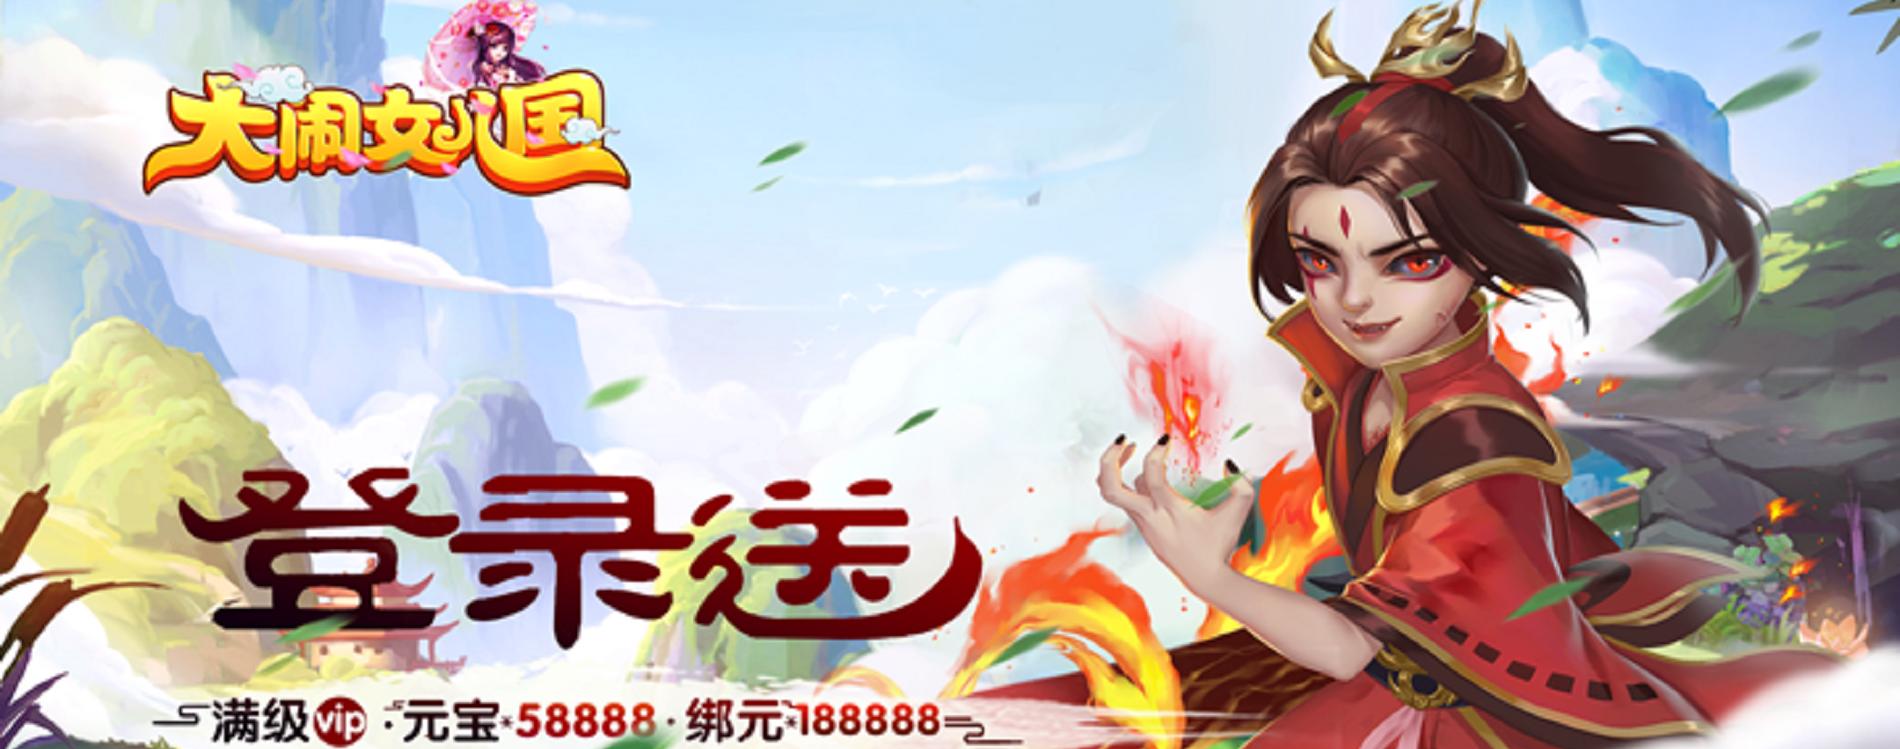 【9917游戏】线下返利和充值奖励活动(9月13日至9月15日)